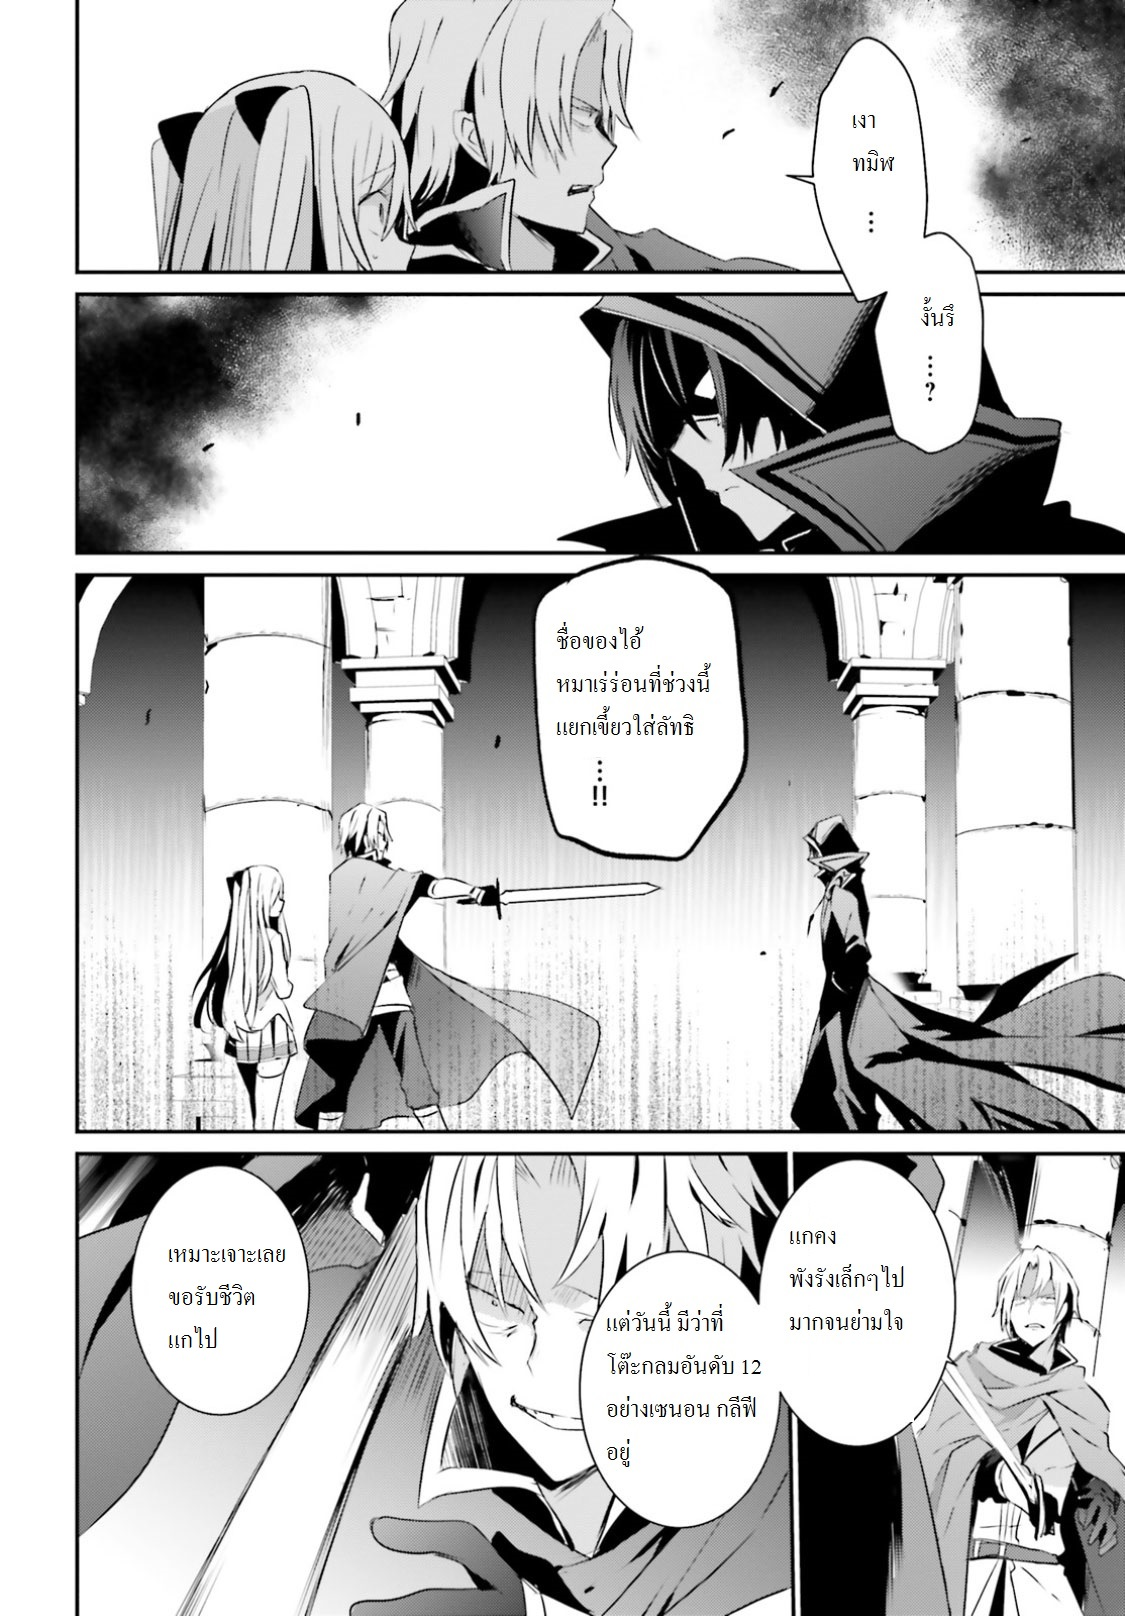 อ่านการ์ตูน Kage no Jitsuryokusha ni Naritakute! ตอนที่ 6 หน้าที่ 13